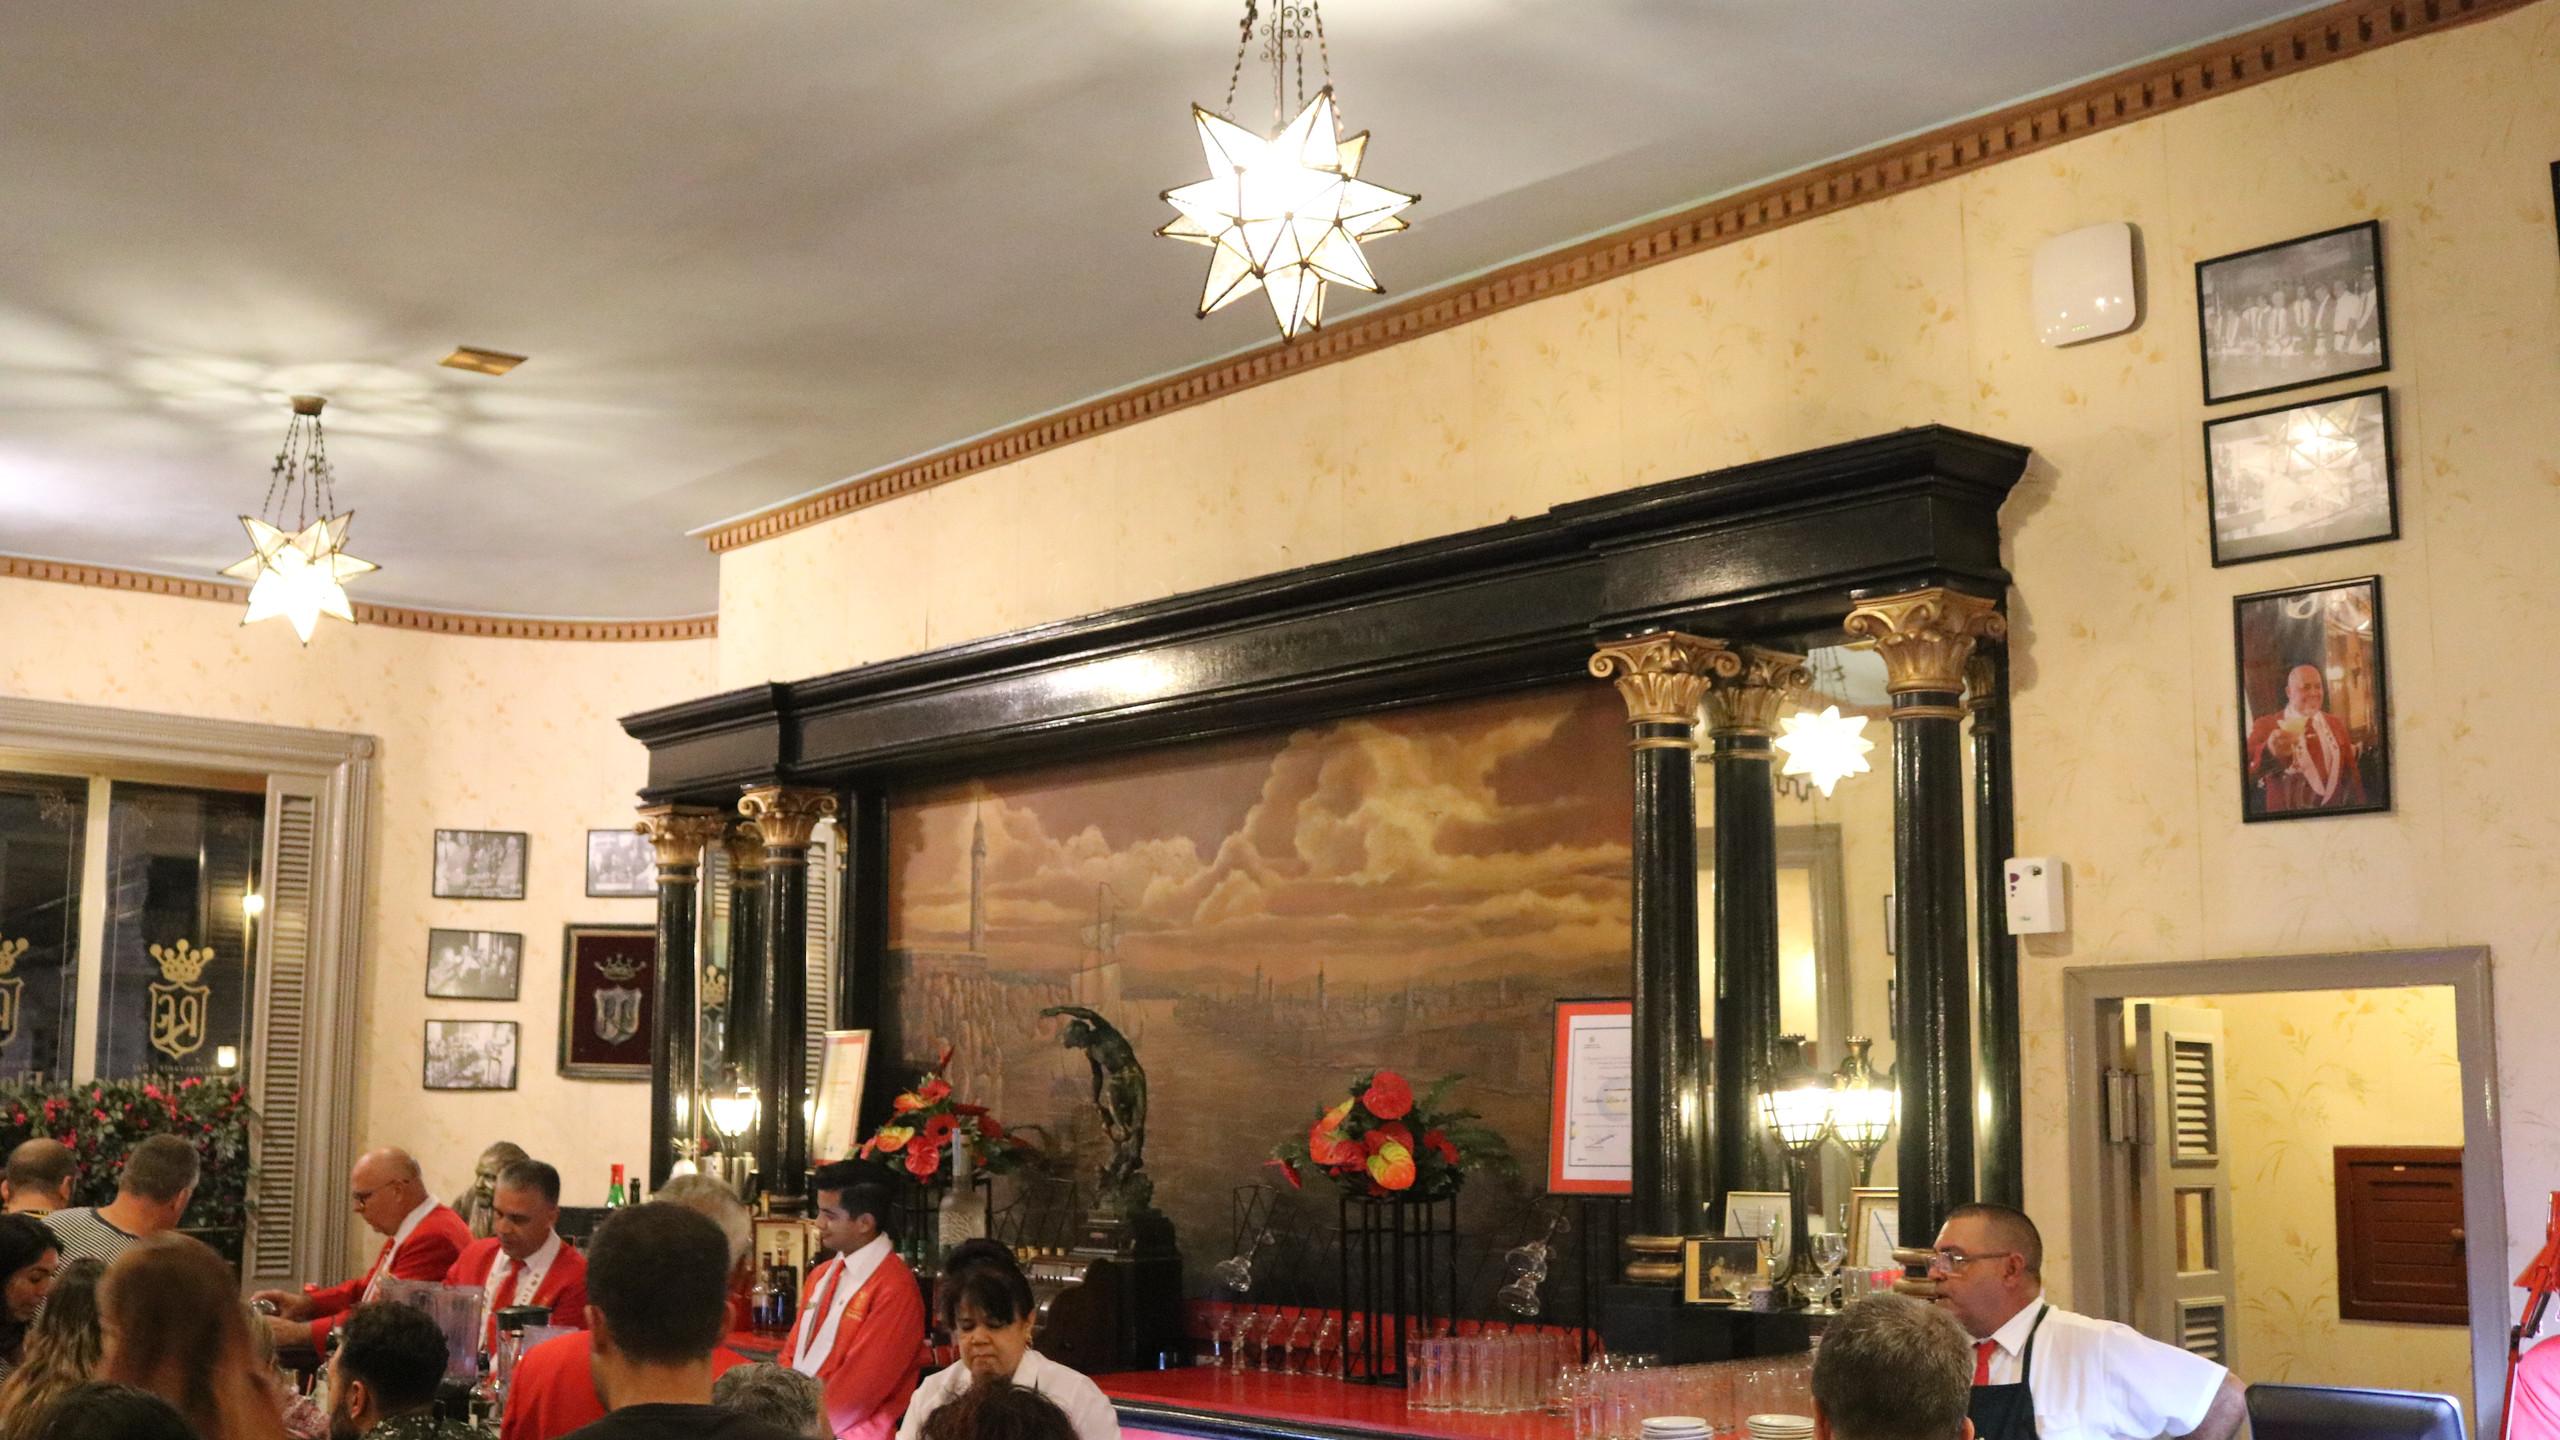 Bar in El Floridita in Havana, Cuba.